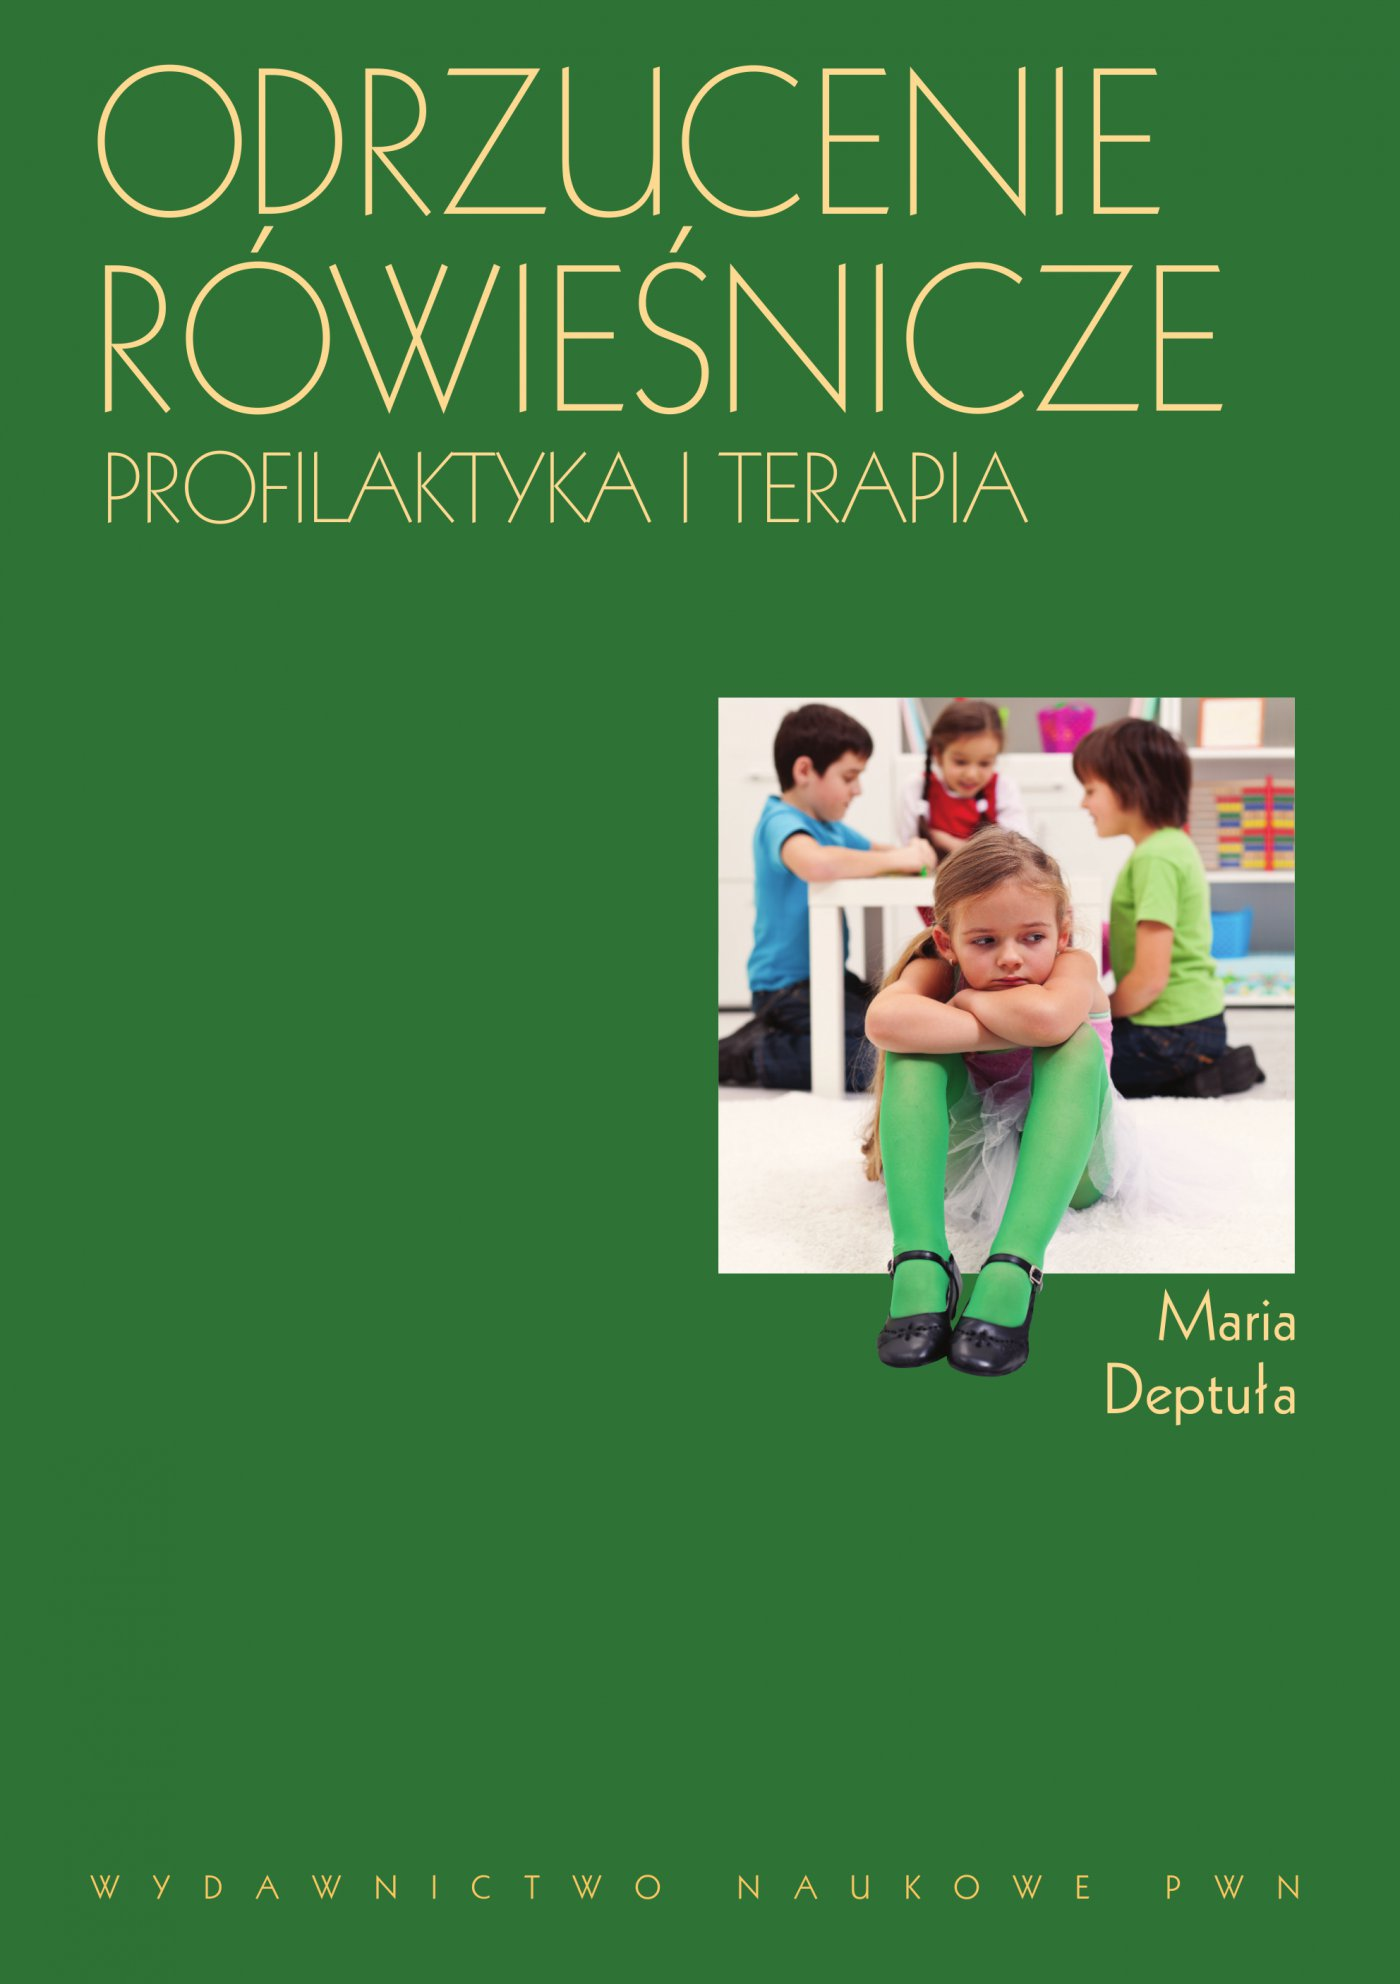 Odrzucenie rówieśnicze. Profilaktyka i terapia - Ebook (Książka na Kindle) do pobrania w formacie MOBI